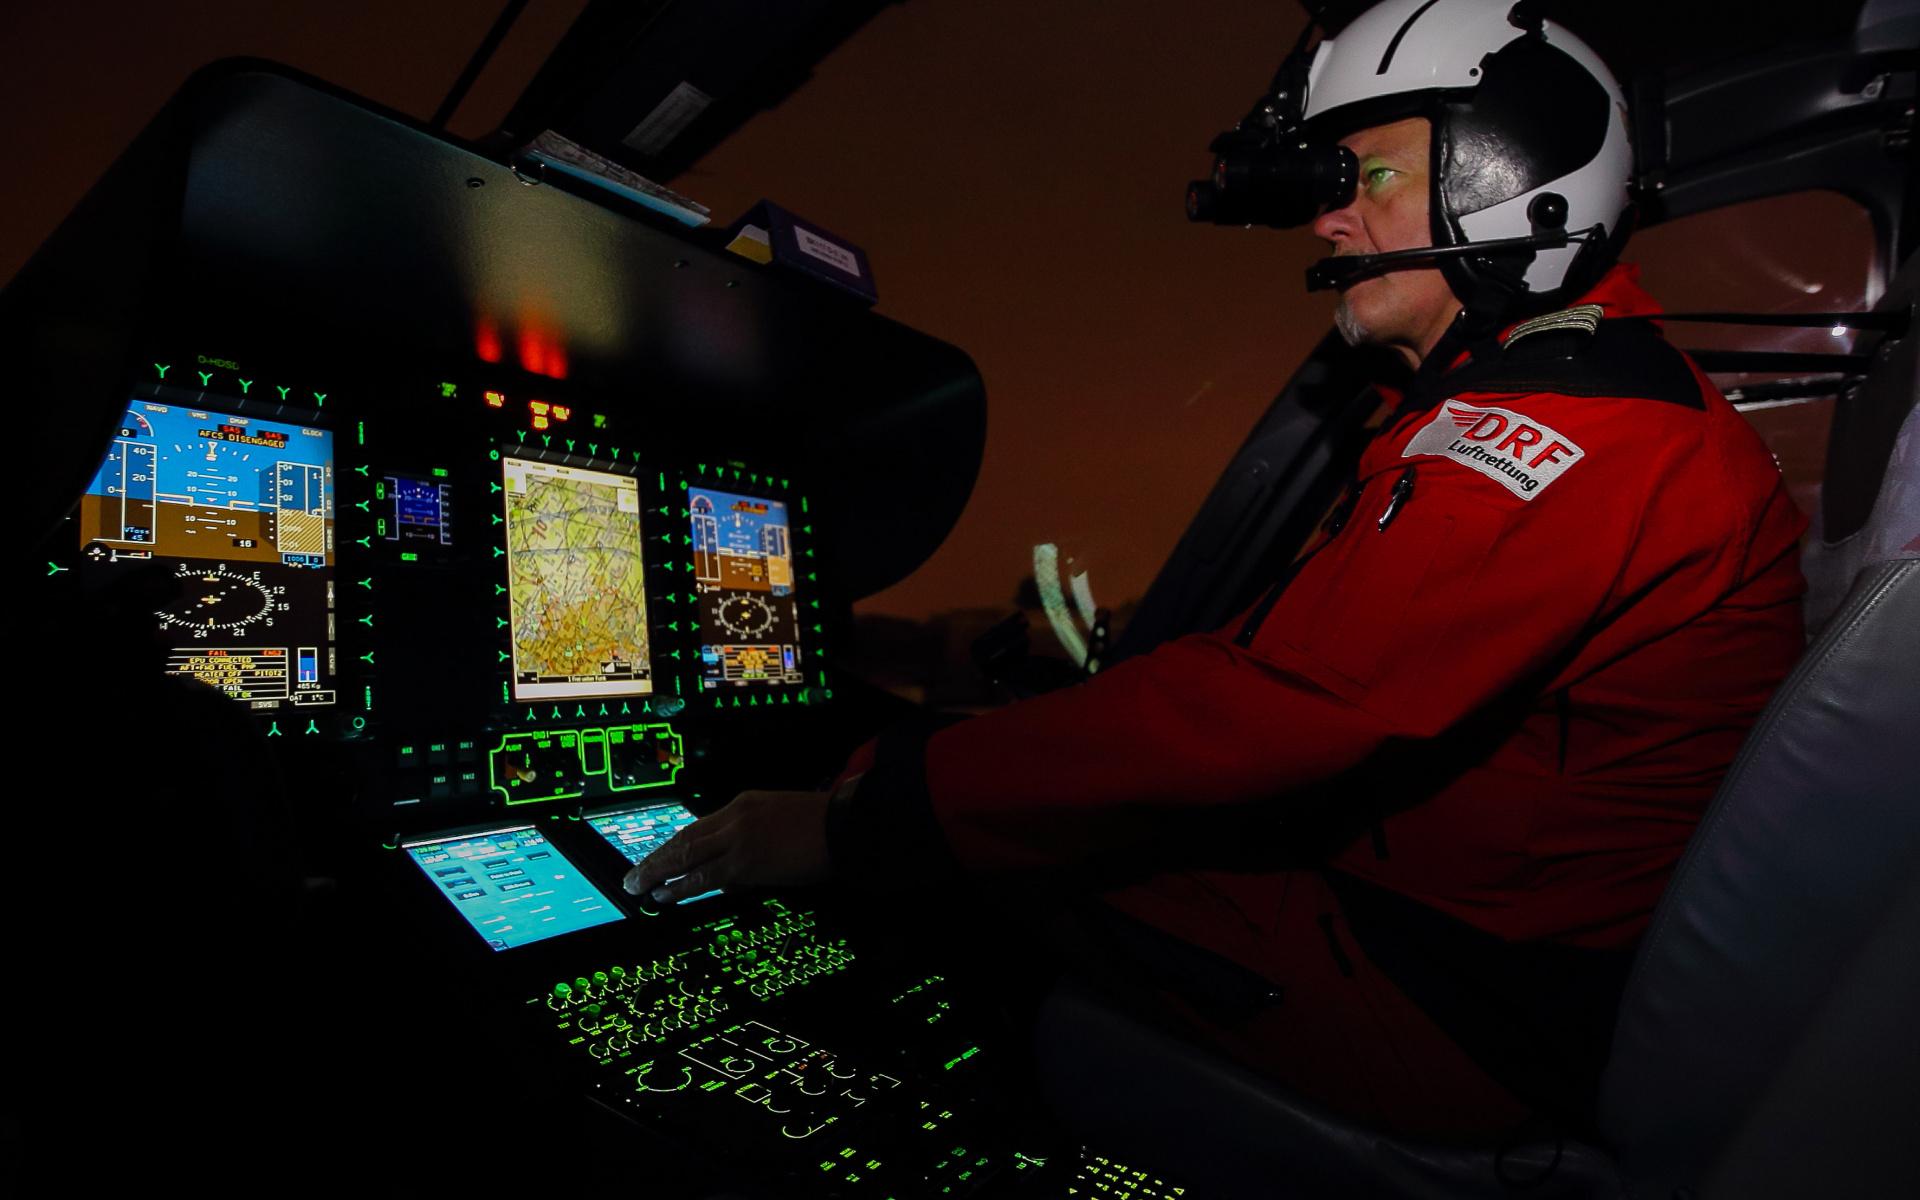 Schnelle Hilfe auch wenn es dunkel ist: Die Piloten der DRF Lufrettung setzen bei ihren nächtlichen Einsätzen Nachtsichtbrillen ein. Symbolbild.